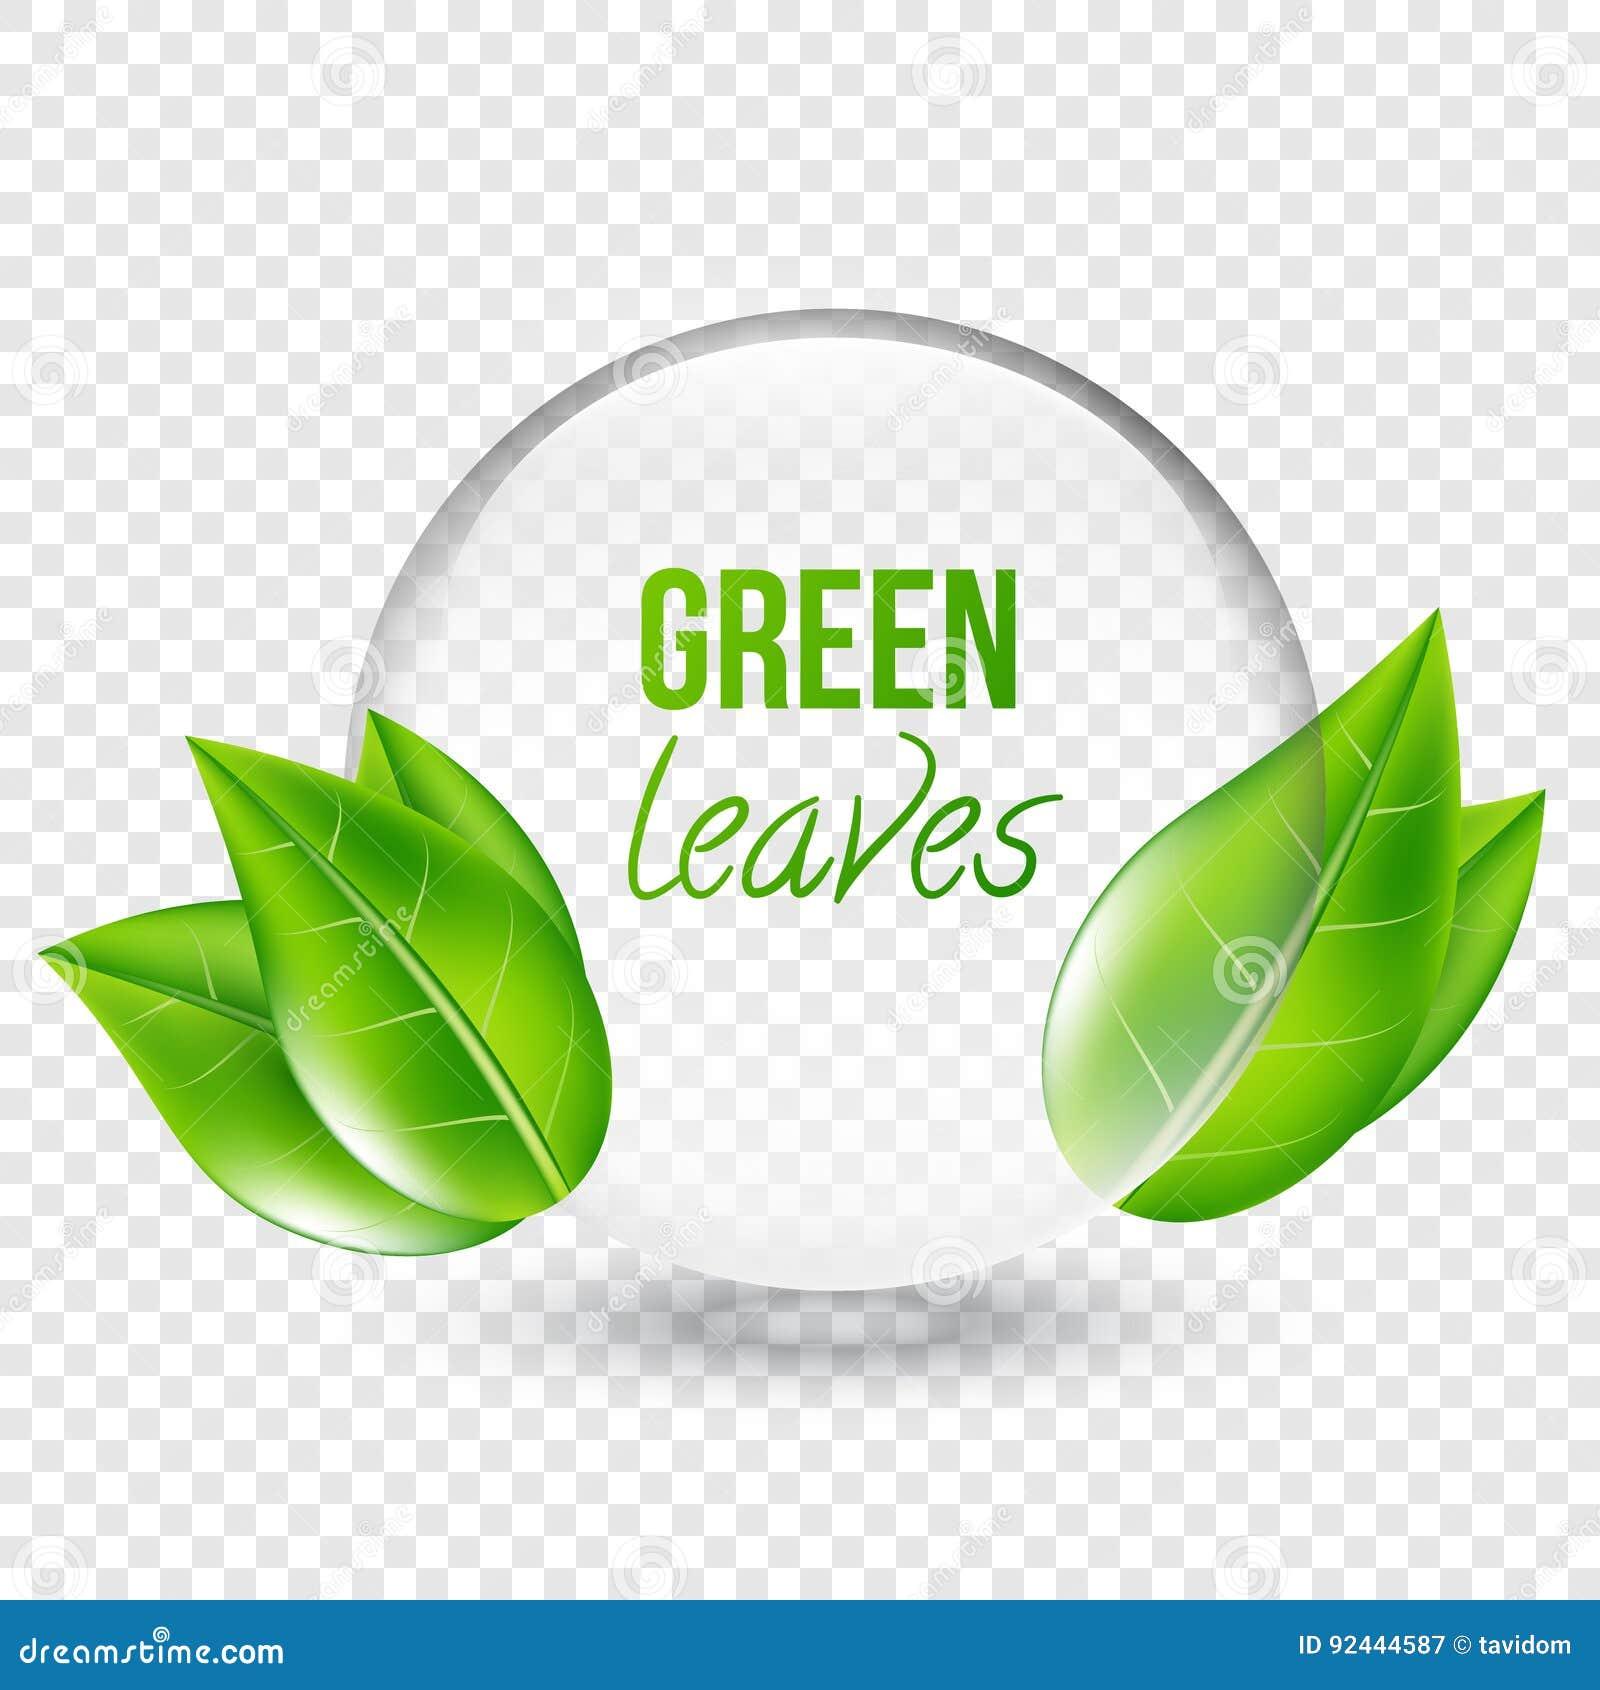 Le Shere Transparent Avec Vert Part Pour La Conception Cartes De Visite Professionnelle Illustration Vecteur Sur Fond